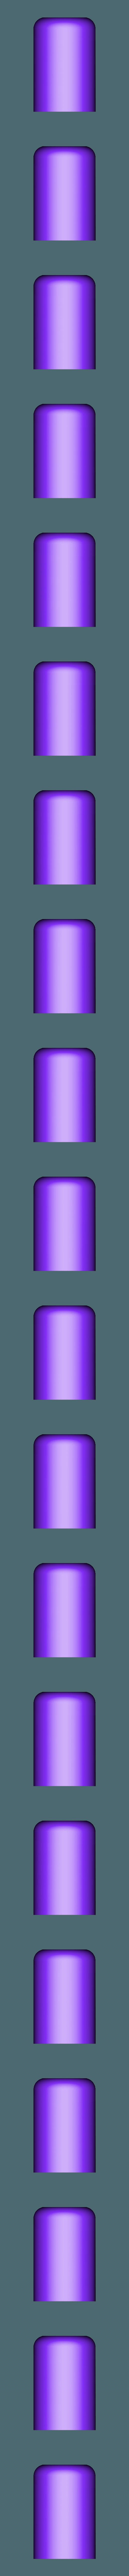 1904-07_Part08.stl Télécharger fichier STL gratuit Serrure imprimée 3D • Objet imprimable en 3D, EL3D